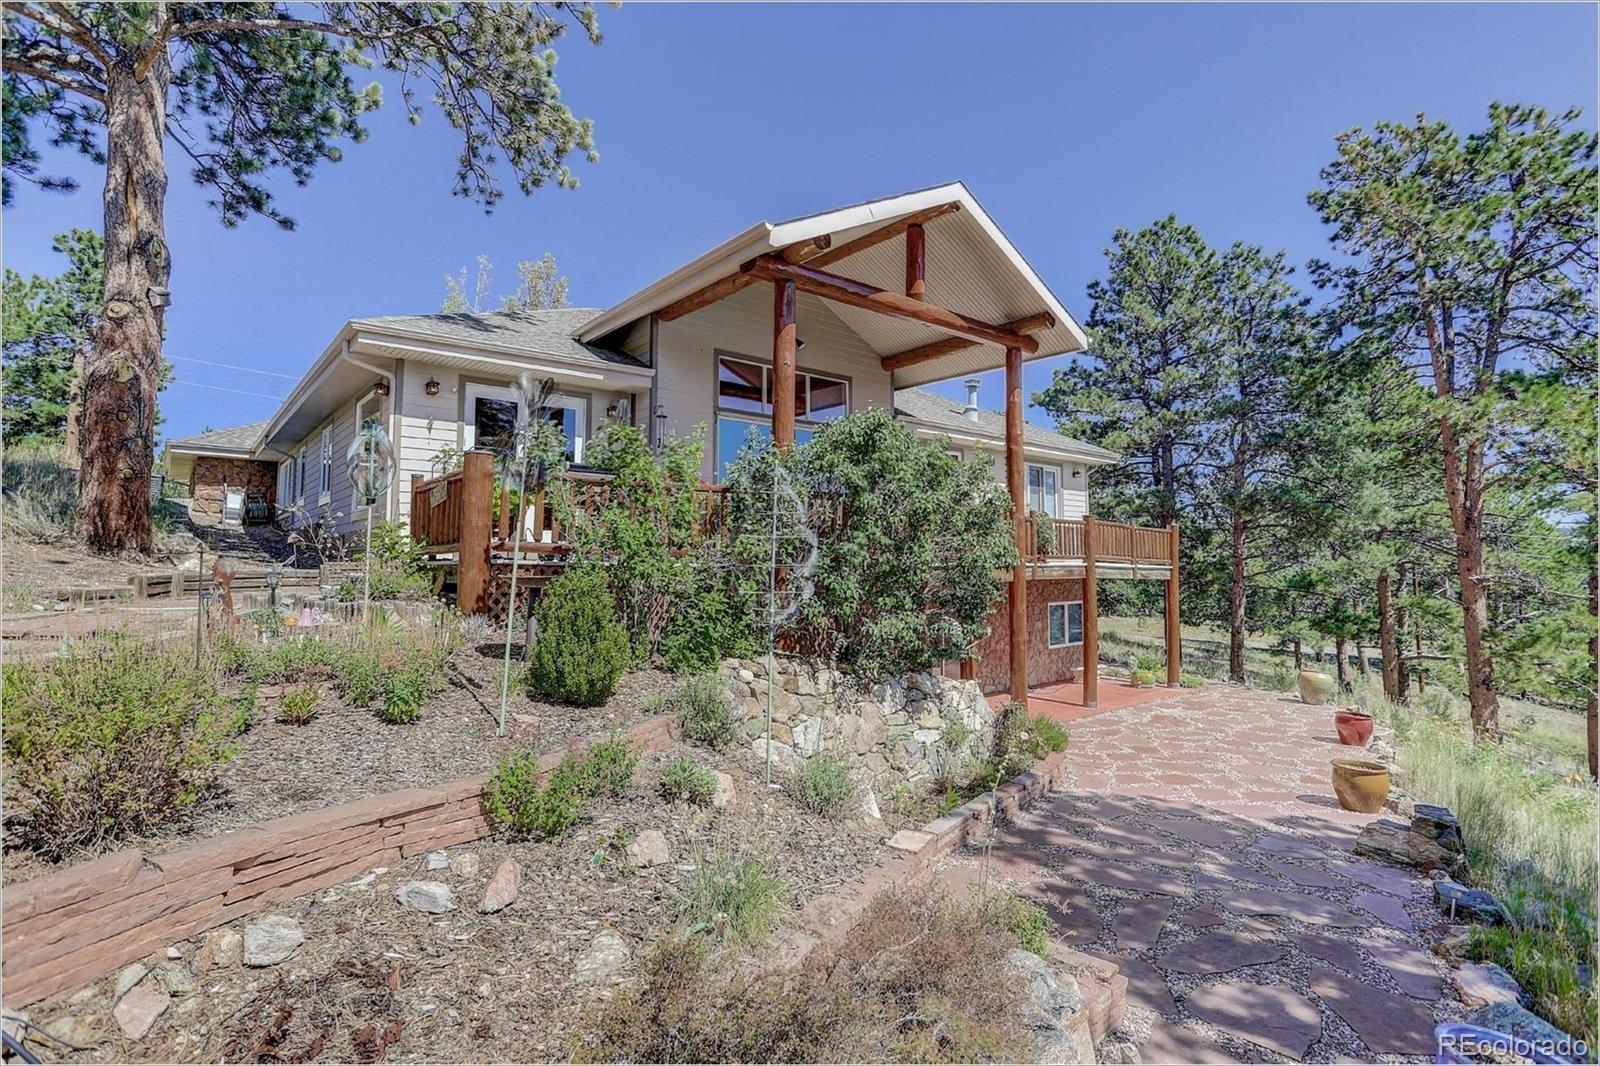 MLS# 7982246 - 6 - 13831 Douglas Ranch Drive, Pine, CO 80470